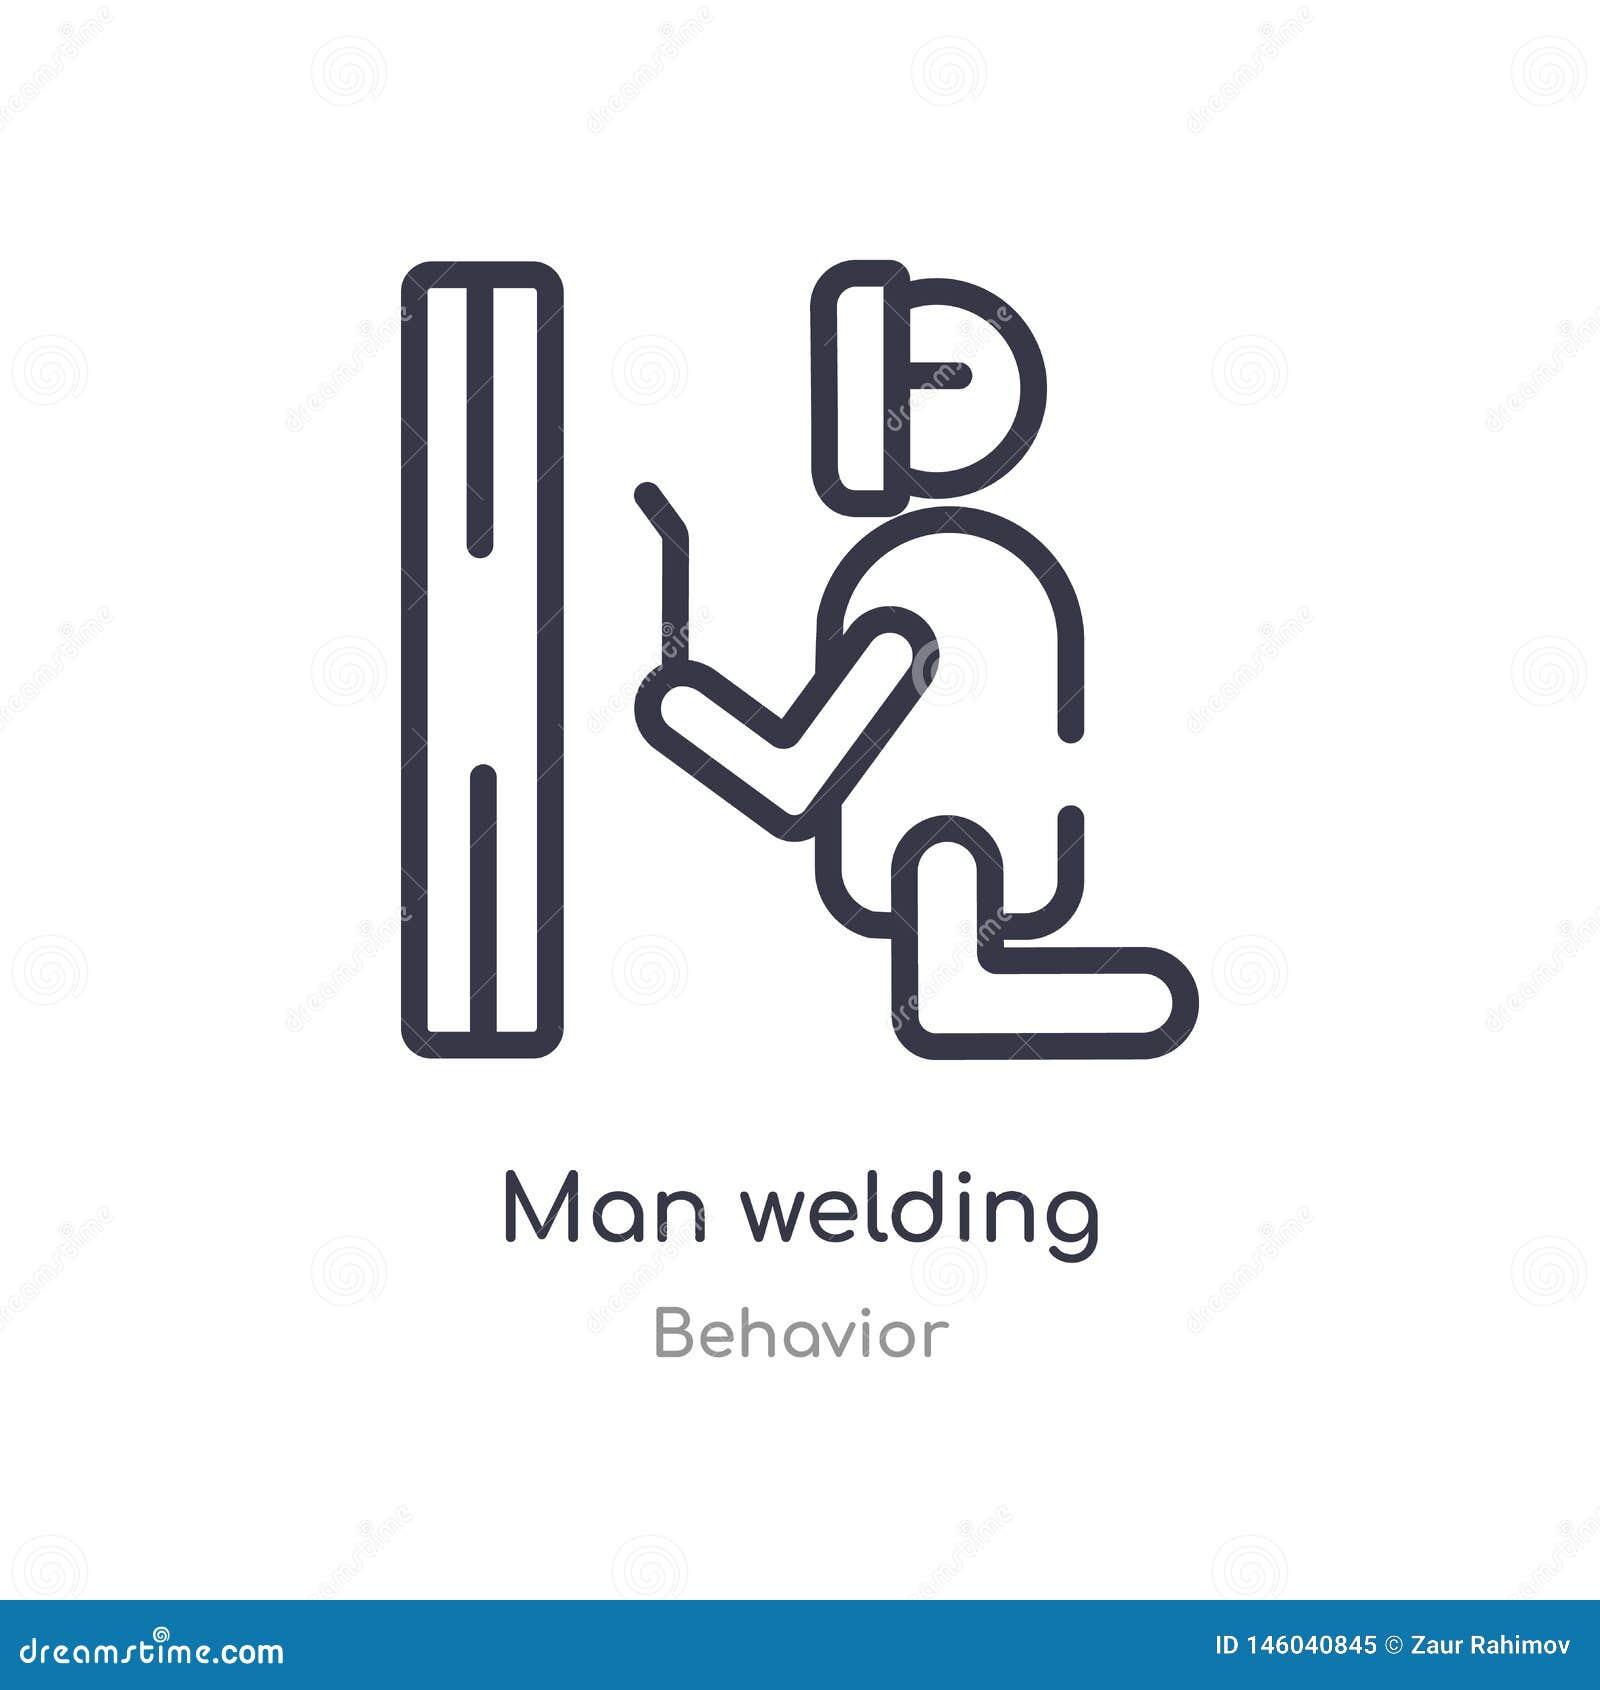 Mężczyzny spawu konturu ikona odosobniona kreskowa wektorowa ilustracja od zachowanie kolekcji editable cienkiego uderzenie mężcz